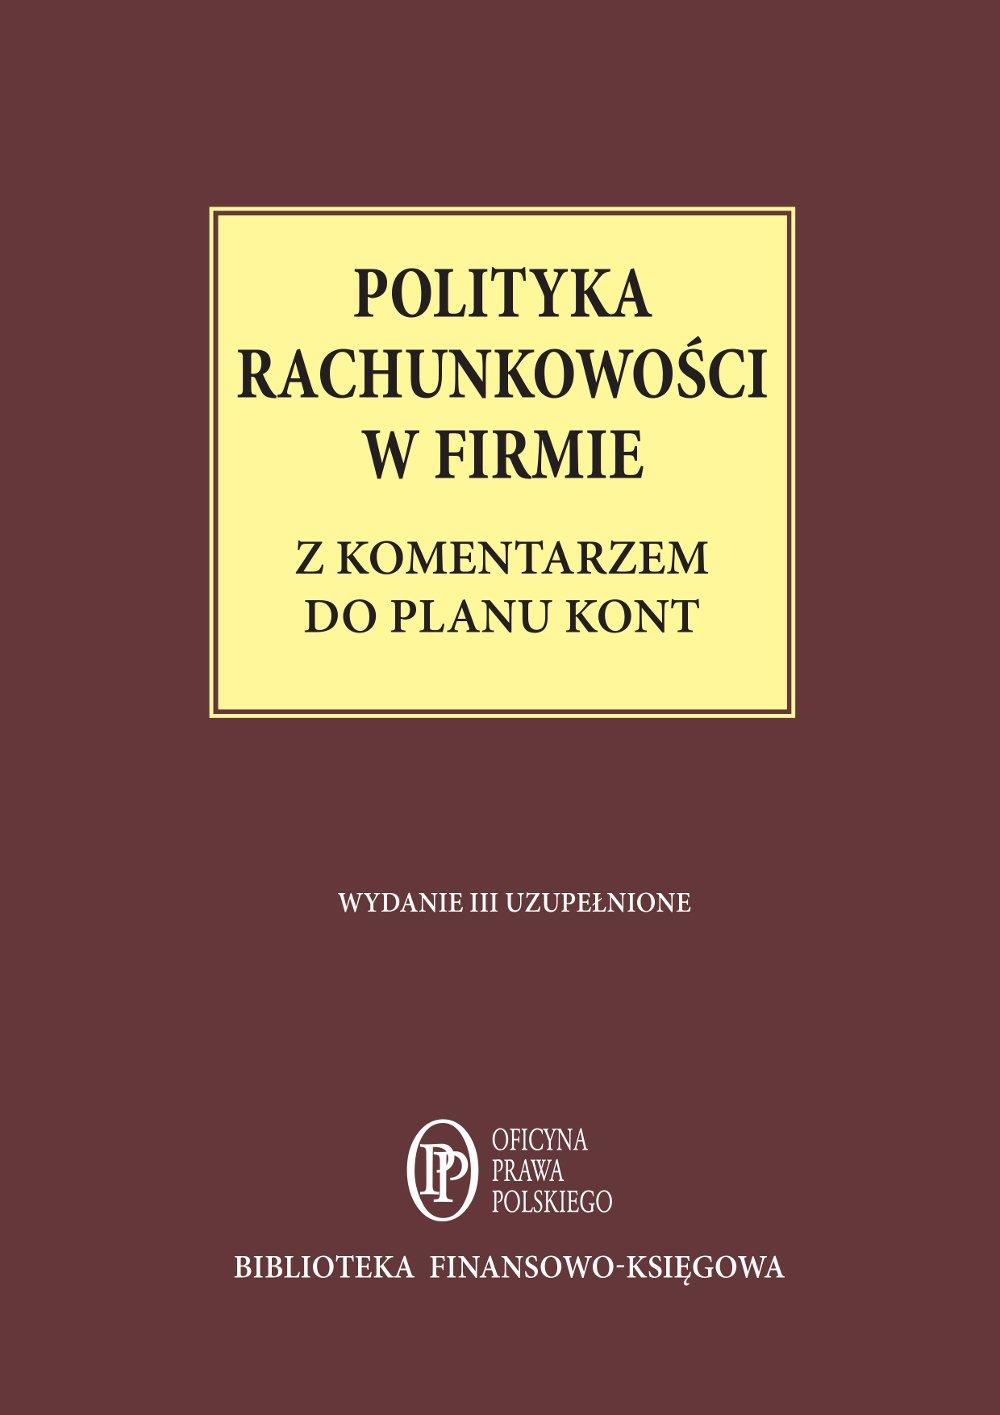 Polityka rachunkowości w firmie z komentarzem do planu kont - stan prawny: 1 lutego 2015 r. - Ebook (Książka na Kindle) do pobrania w formacie MOBI